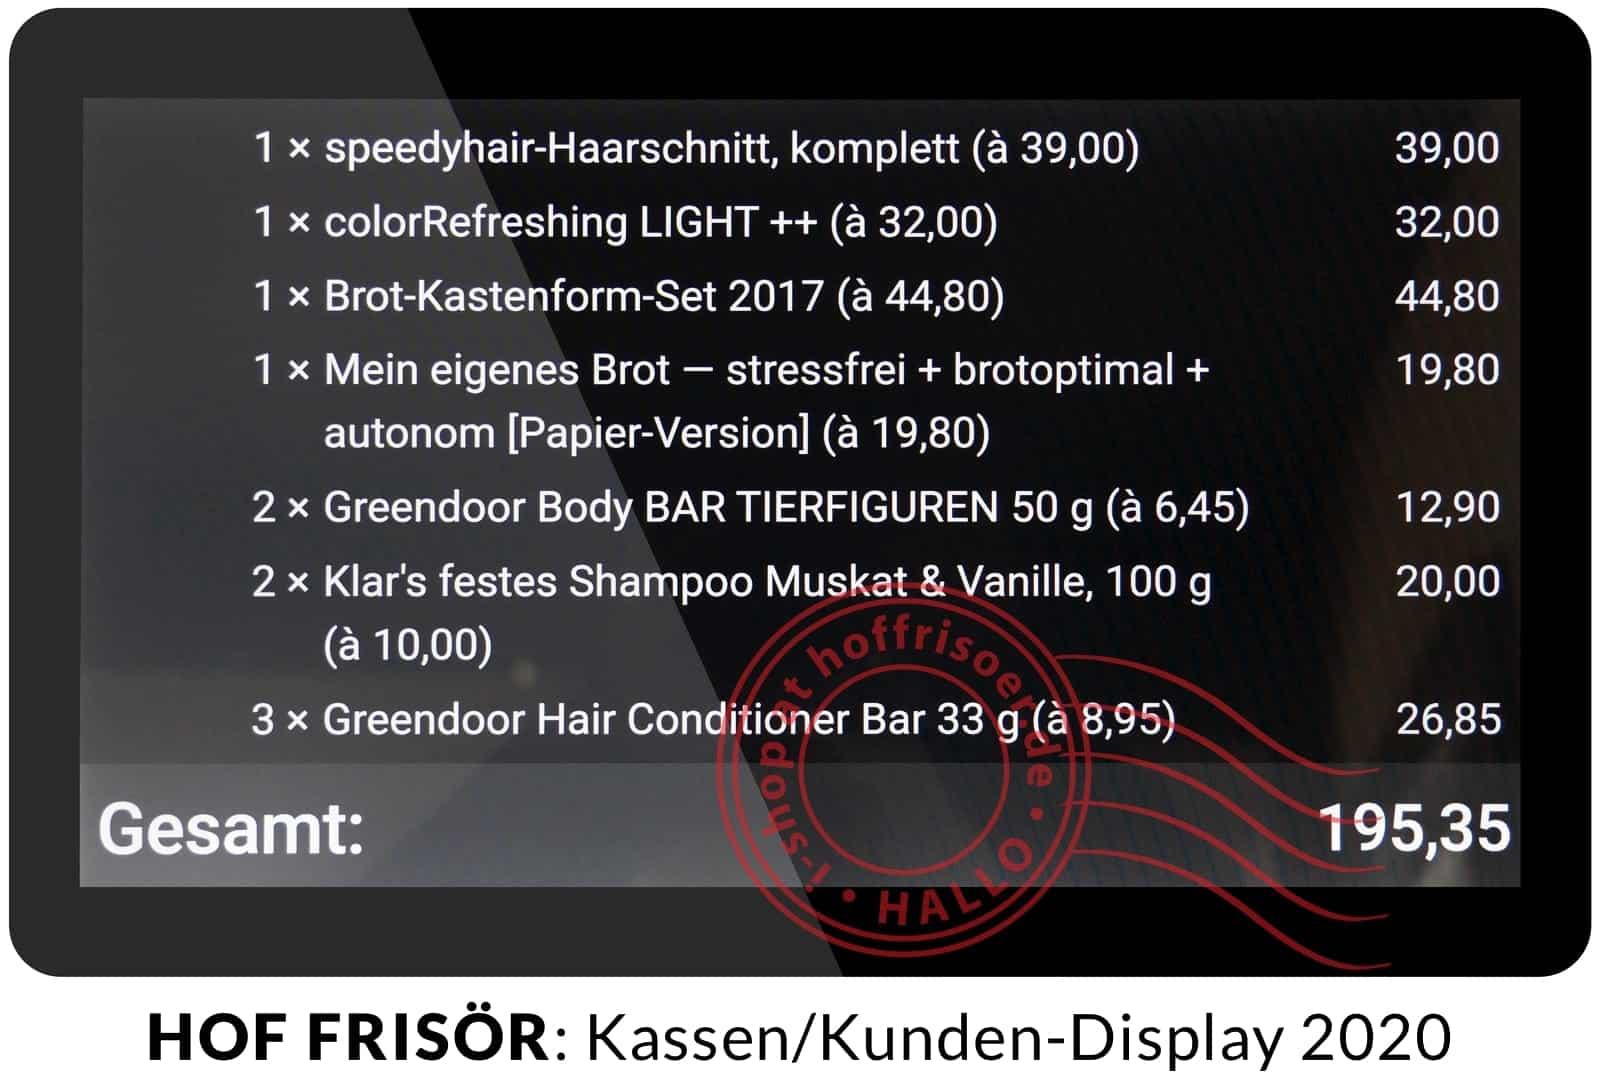 HOF FRISÖR FRANKFURT Februar 2020: Kassen-Kunden-Display von flour.io auf einem SUNMI T2 Lite im Vollbildmodus in 15,6 Zoll (40 cm) Bildschirm-Diagonale